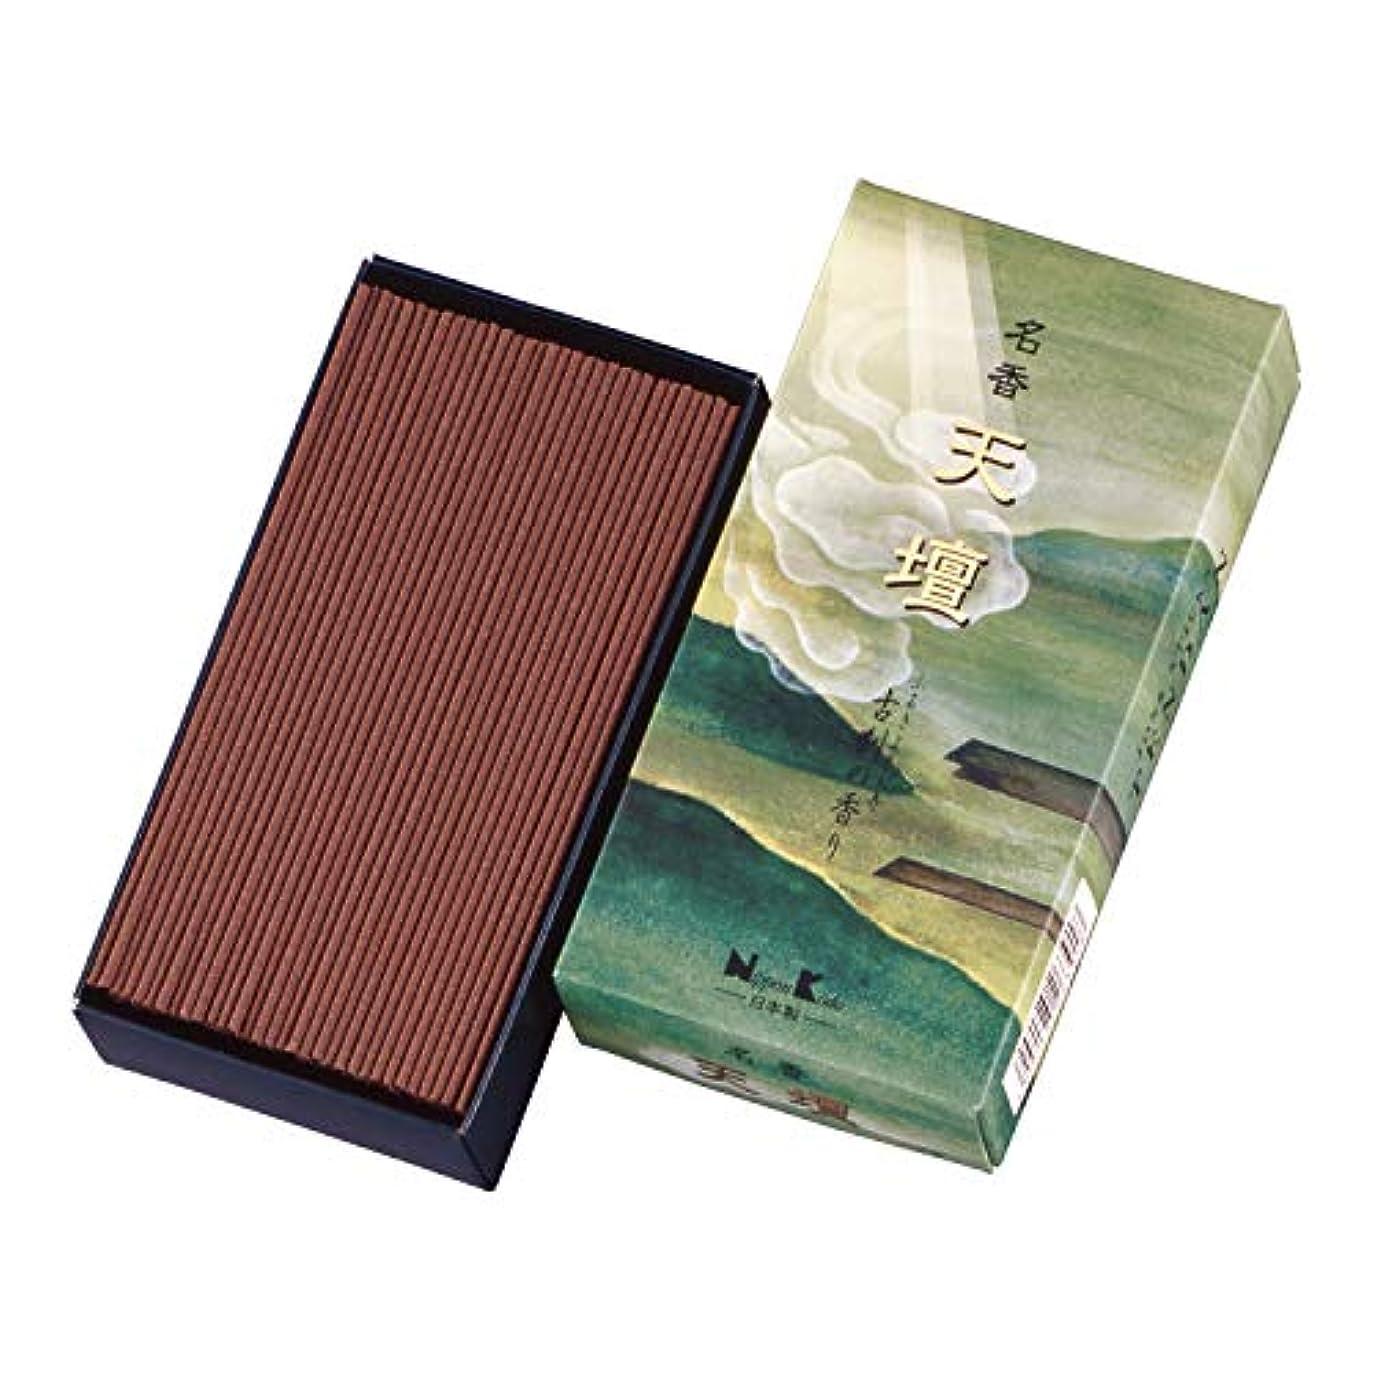 計画剪断従来の名香天壇 古刹の香り バラ詰